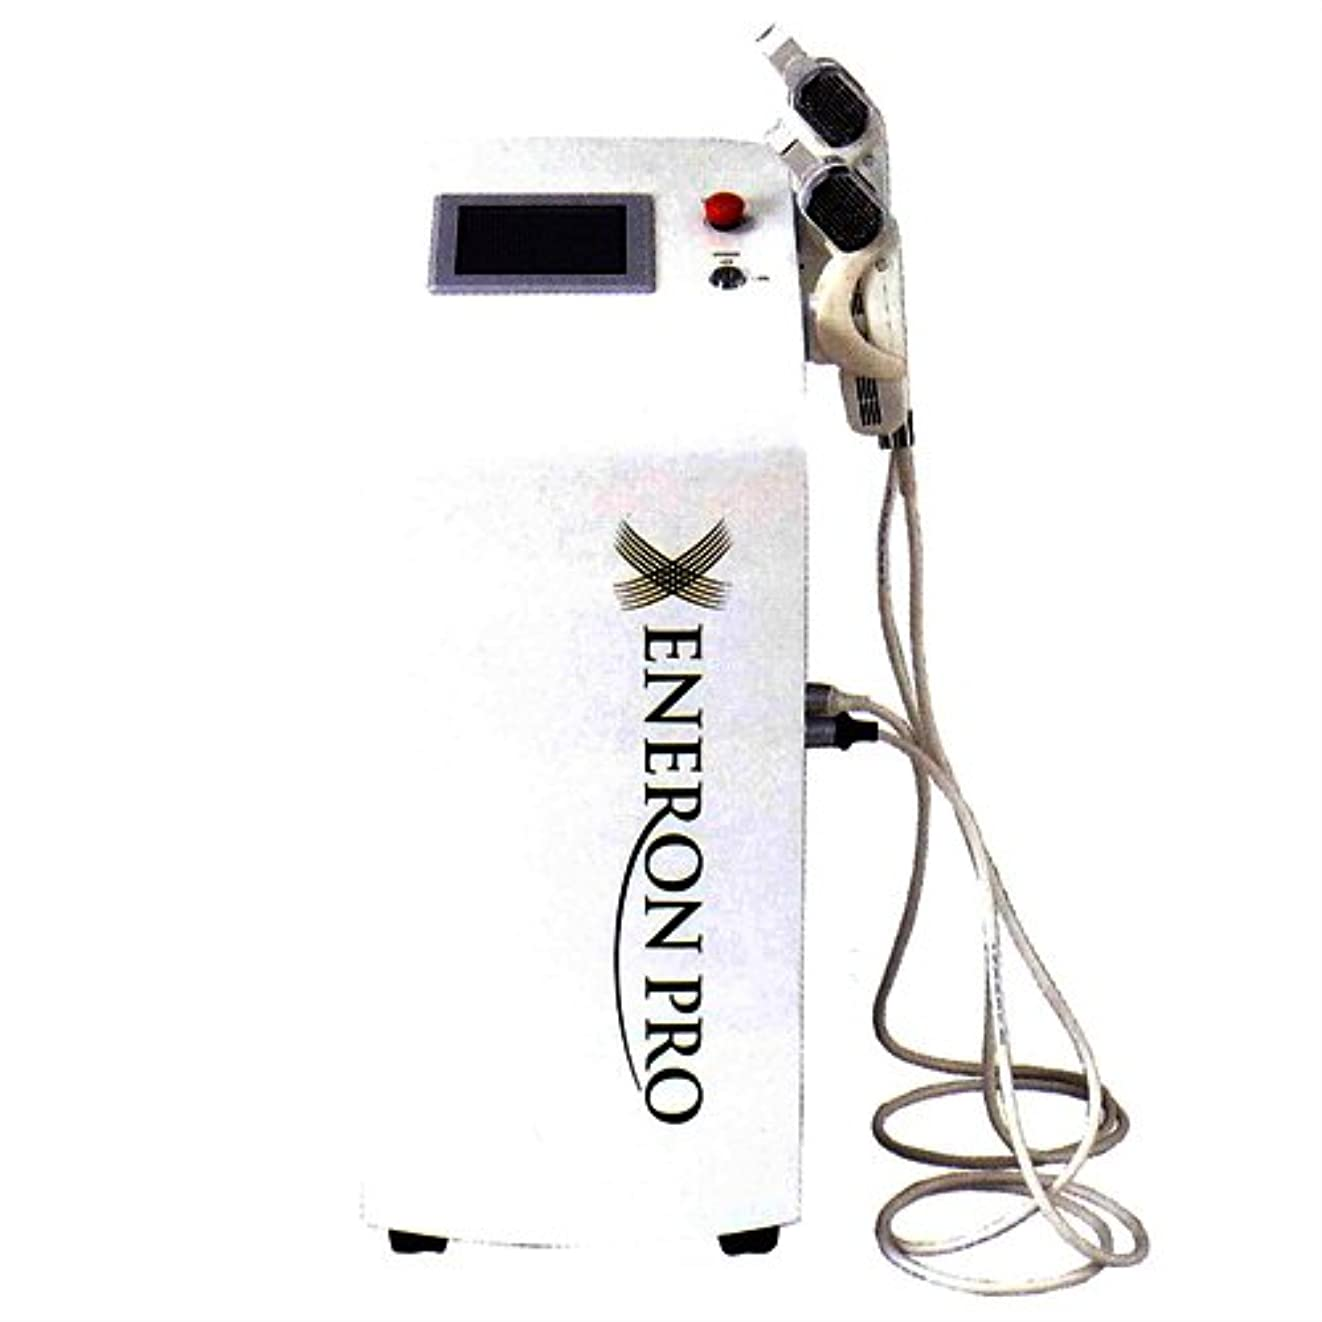 刺すファーム美容ライト脱毛?フェイシャル機器 伊藤超短波 エネロンプロ(ENERON PRO)